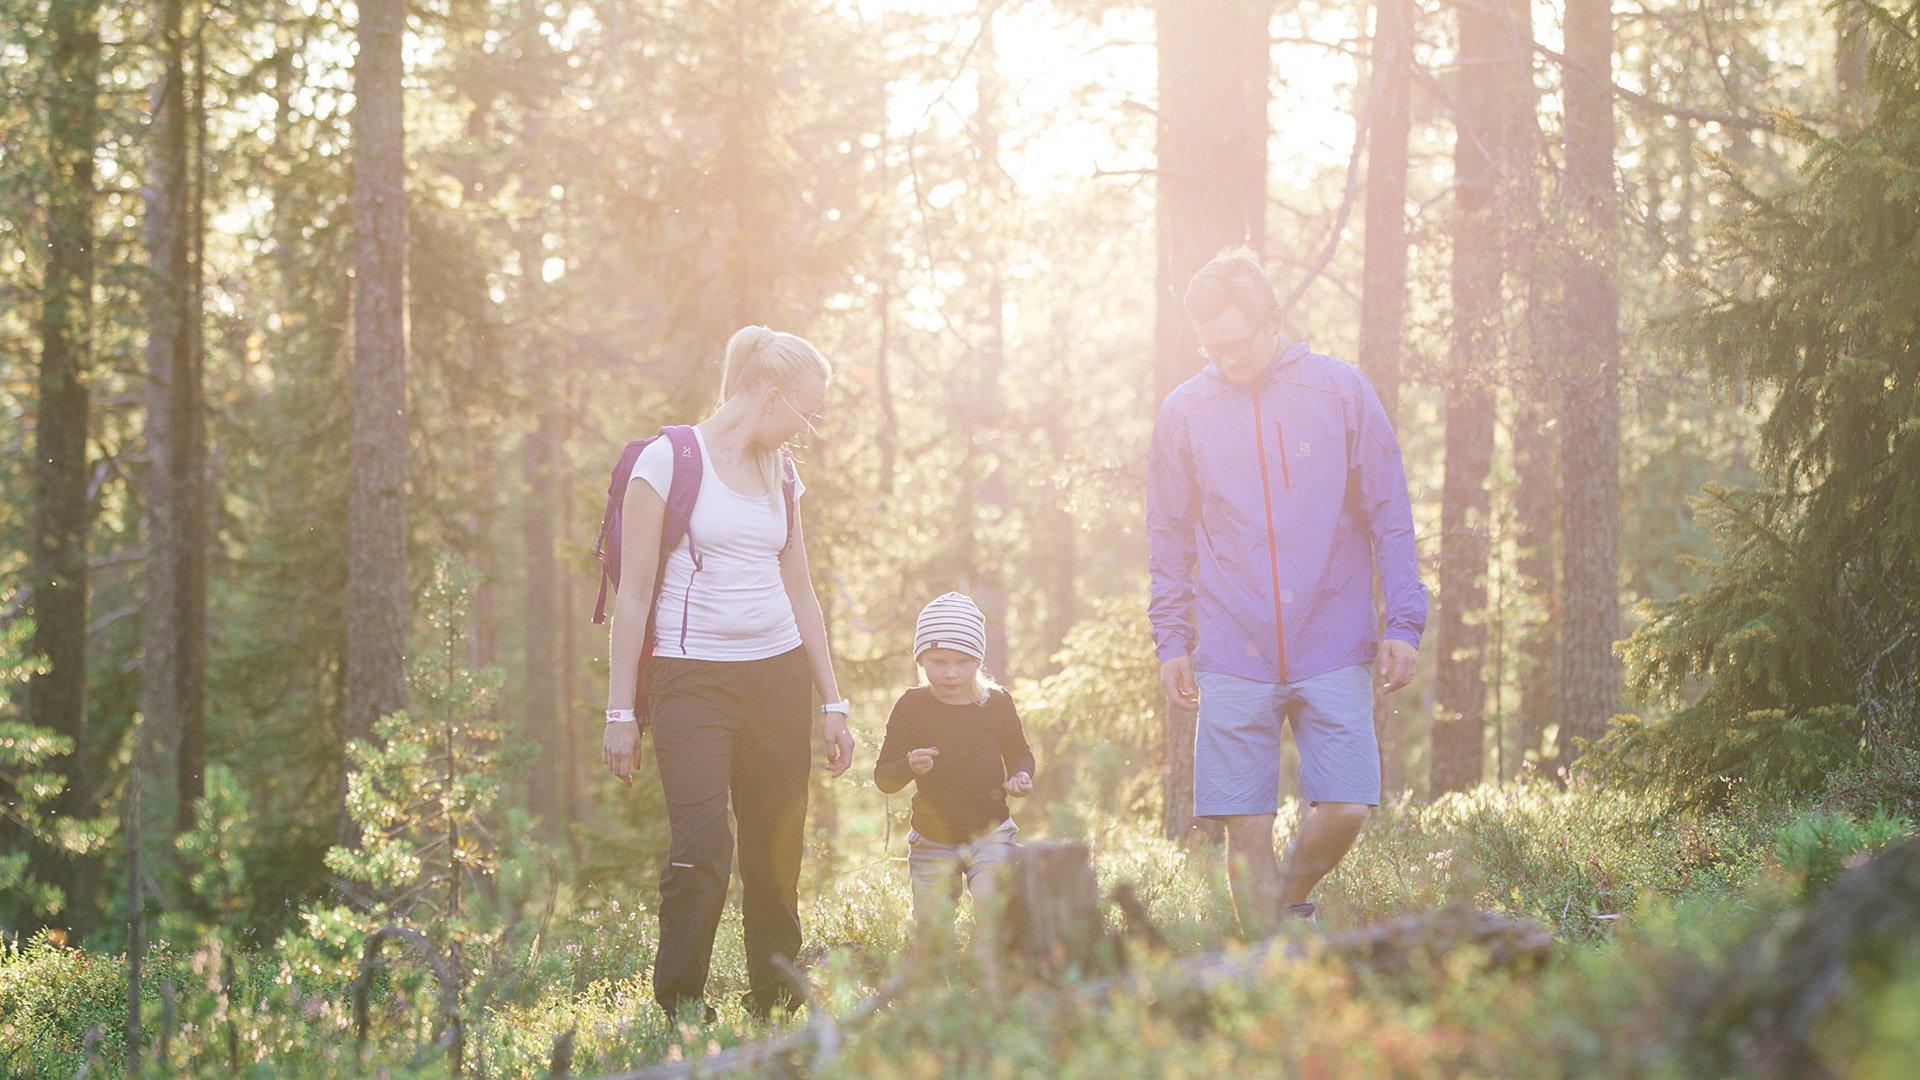 Kaksi aikuista ja lapsi kävelevät marjametsässä reput selässä.